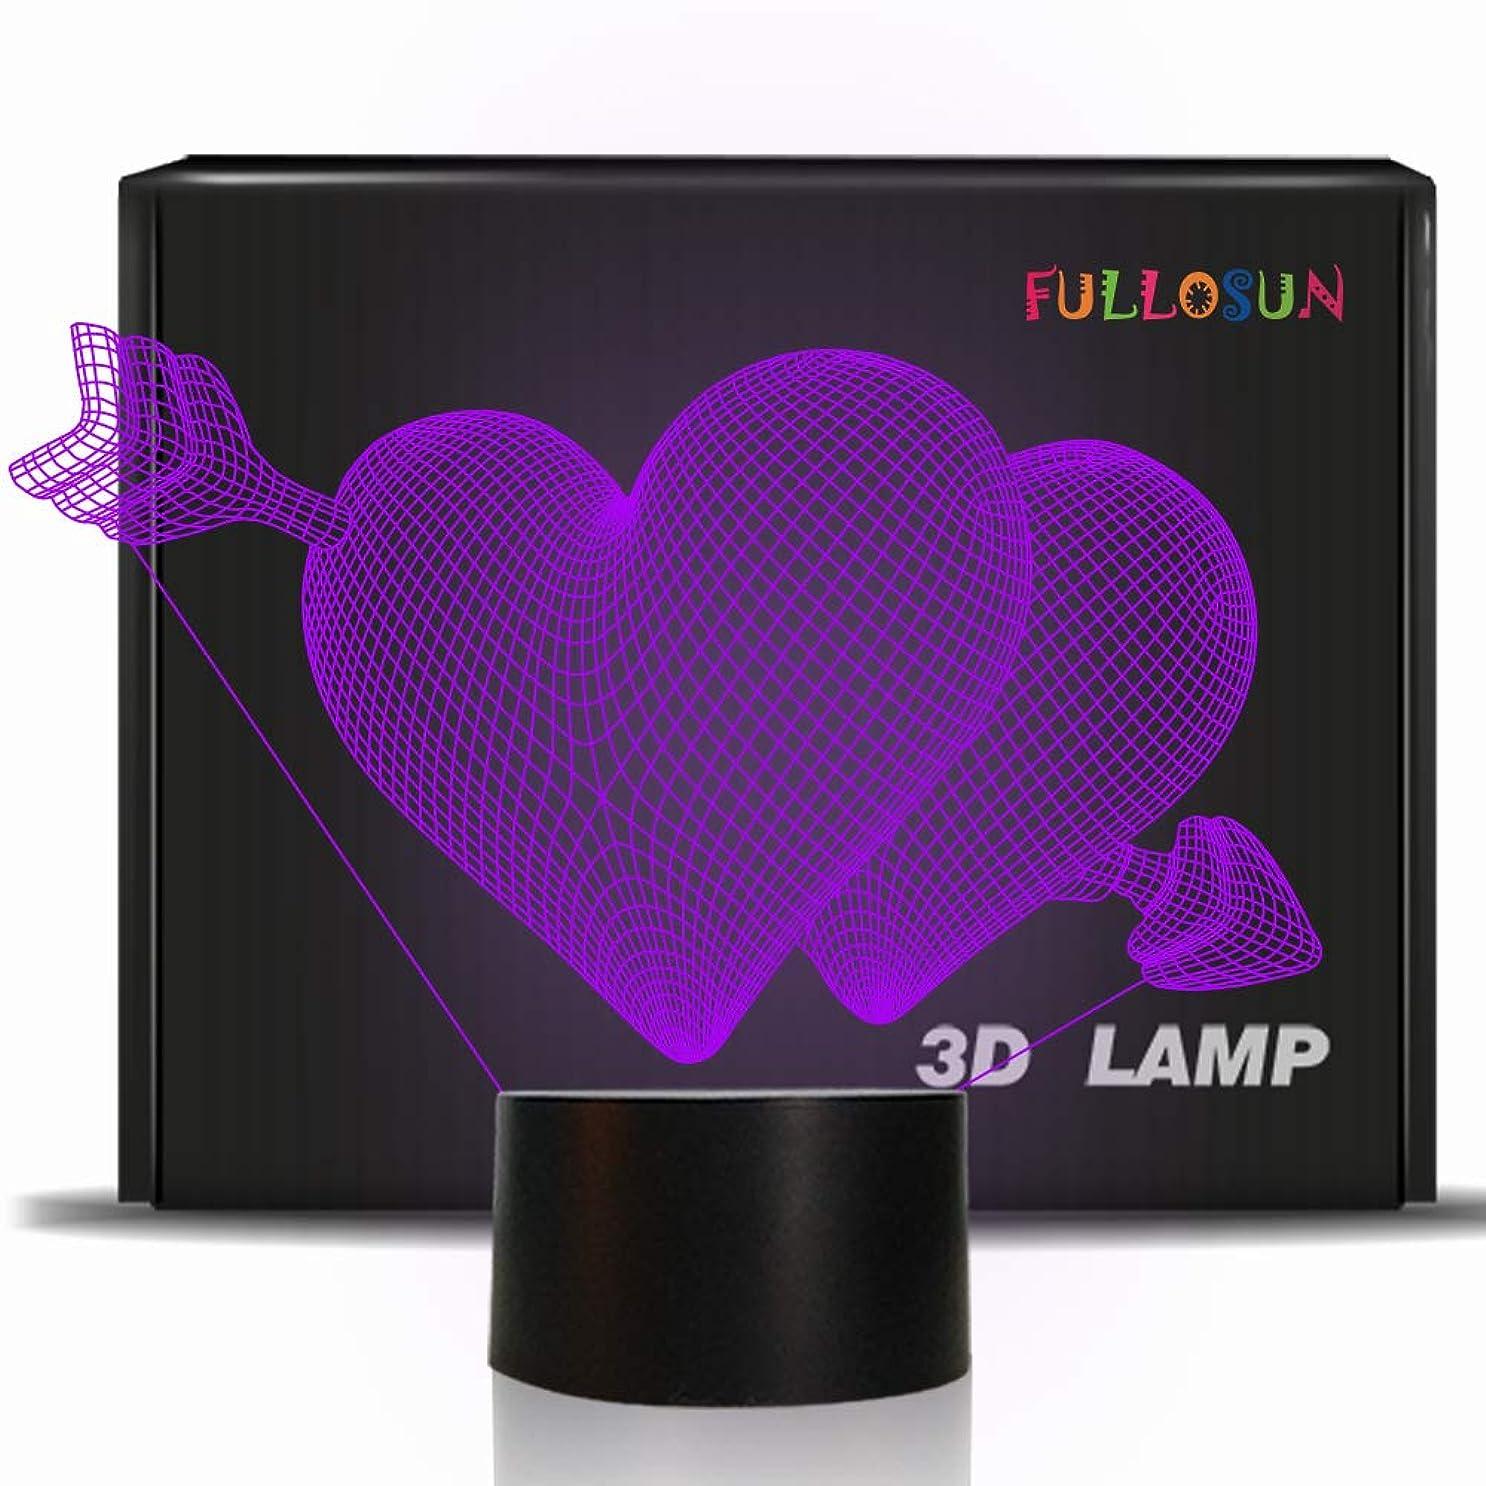 干し草地図富FULLOSUN アメフト 3D ナイトライト ラグビーライト 3D イリュージョンランプ 7色変化 クリエイティブ 誕生日 アメリカンフットボール 男の子 子供 寝室用ギフト